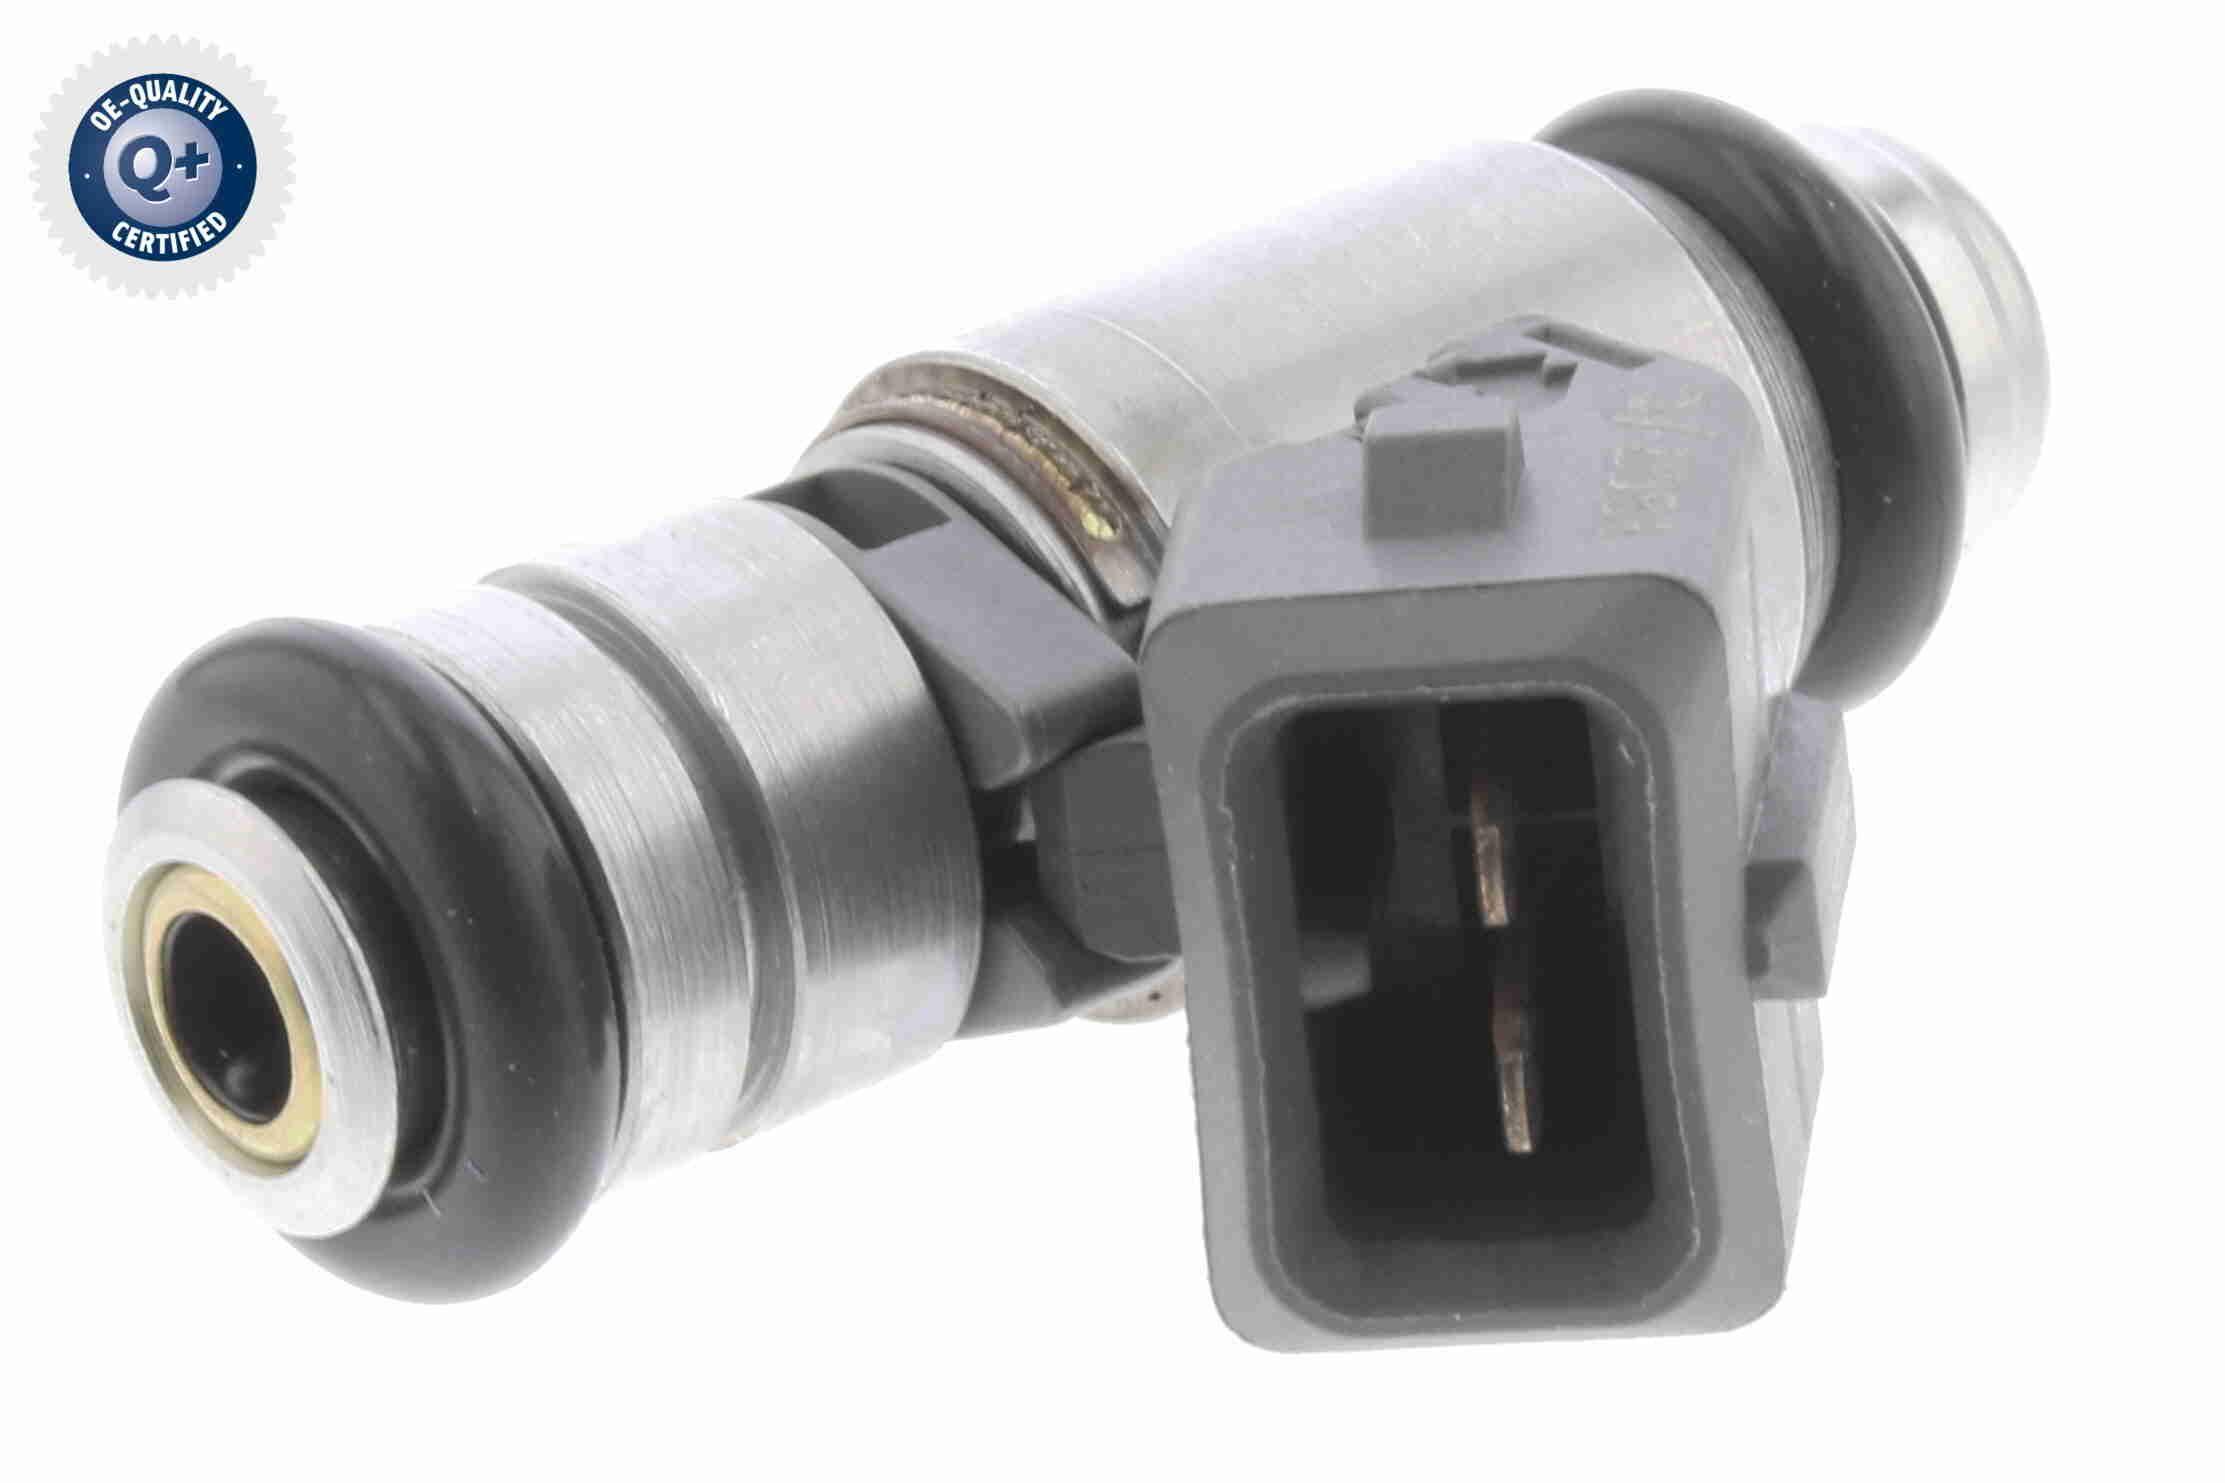 Einspritzventil V25-11-0007 VEMO V25-11-0007 in Original Qualität